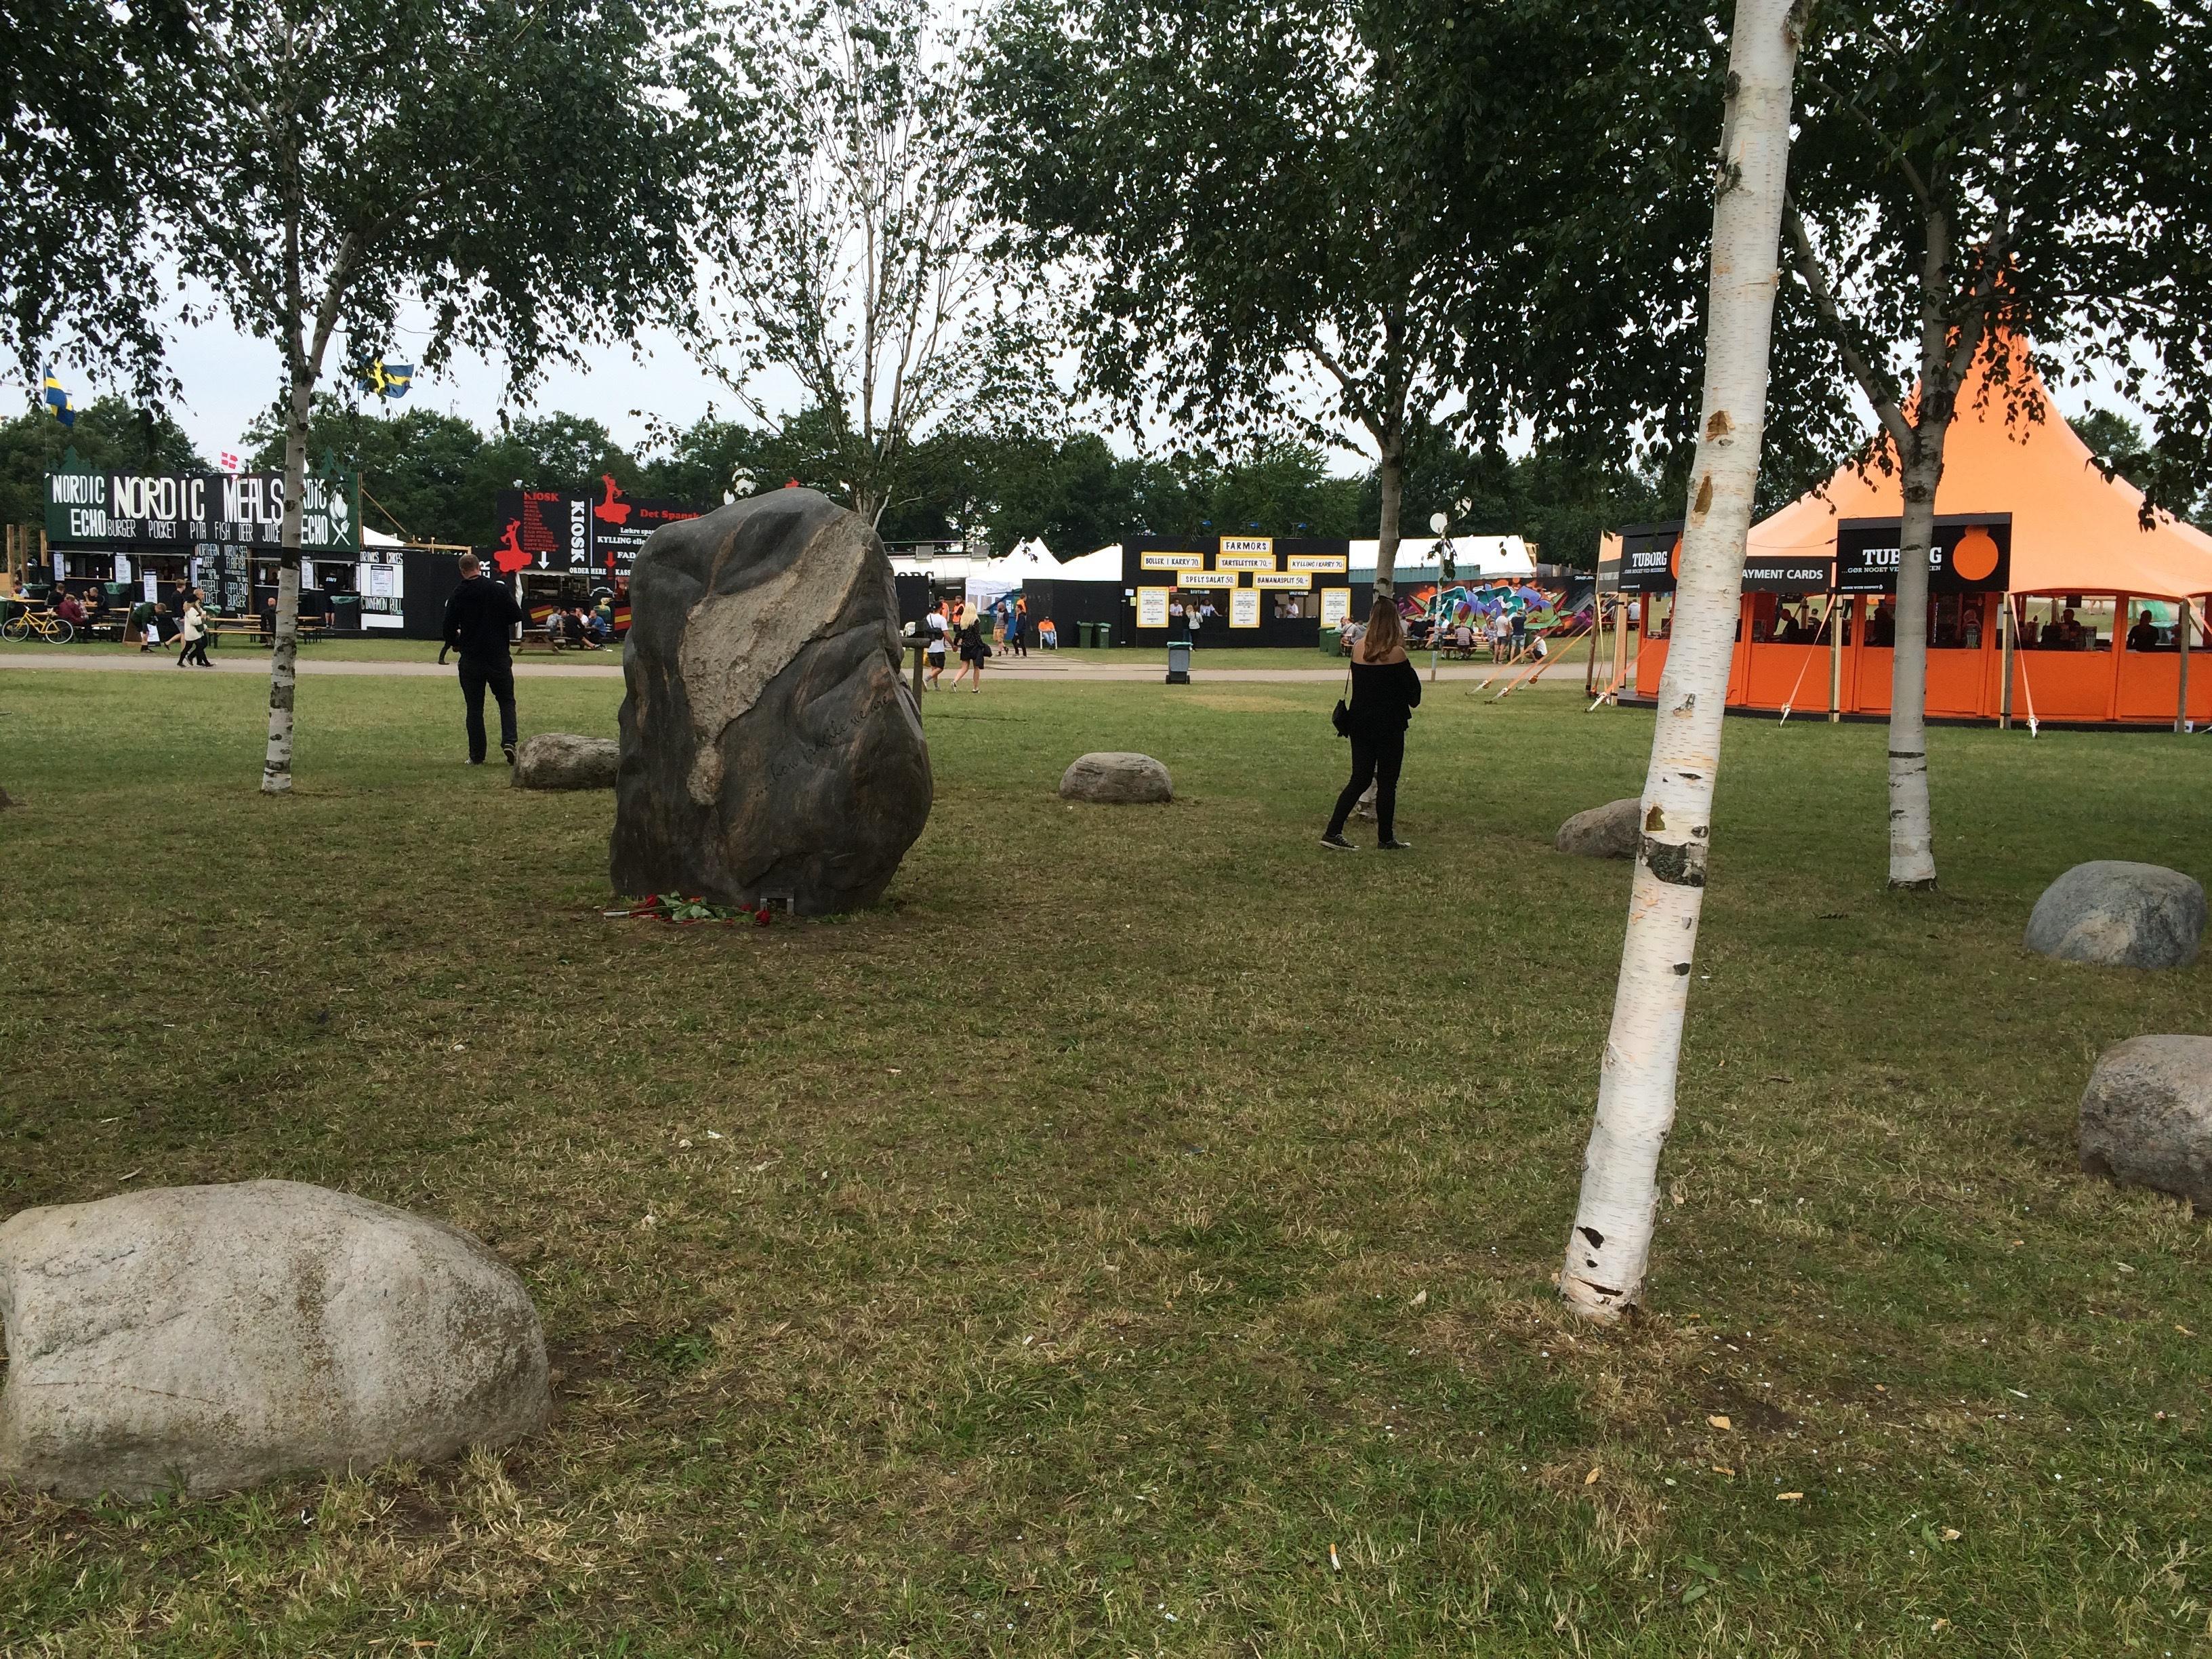 Sen det traditionella besöket vid minnesstenen (och björkarna) till minne av dem som dog framför Pearl Jam-konserten år 2000.